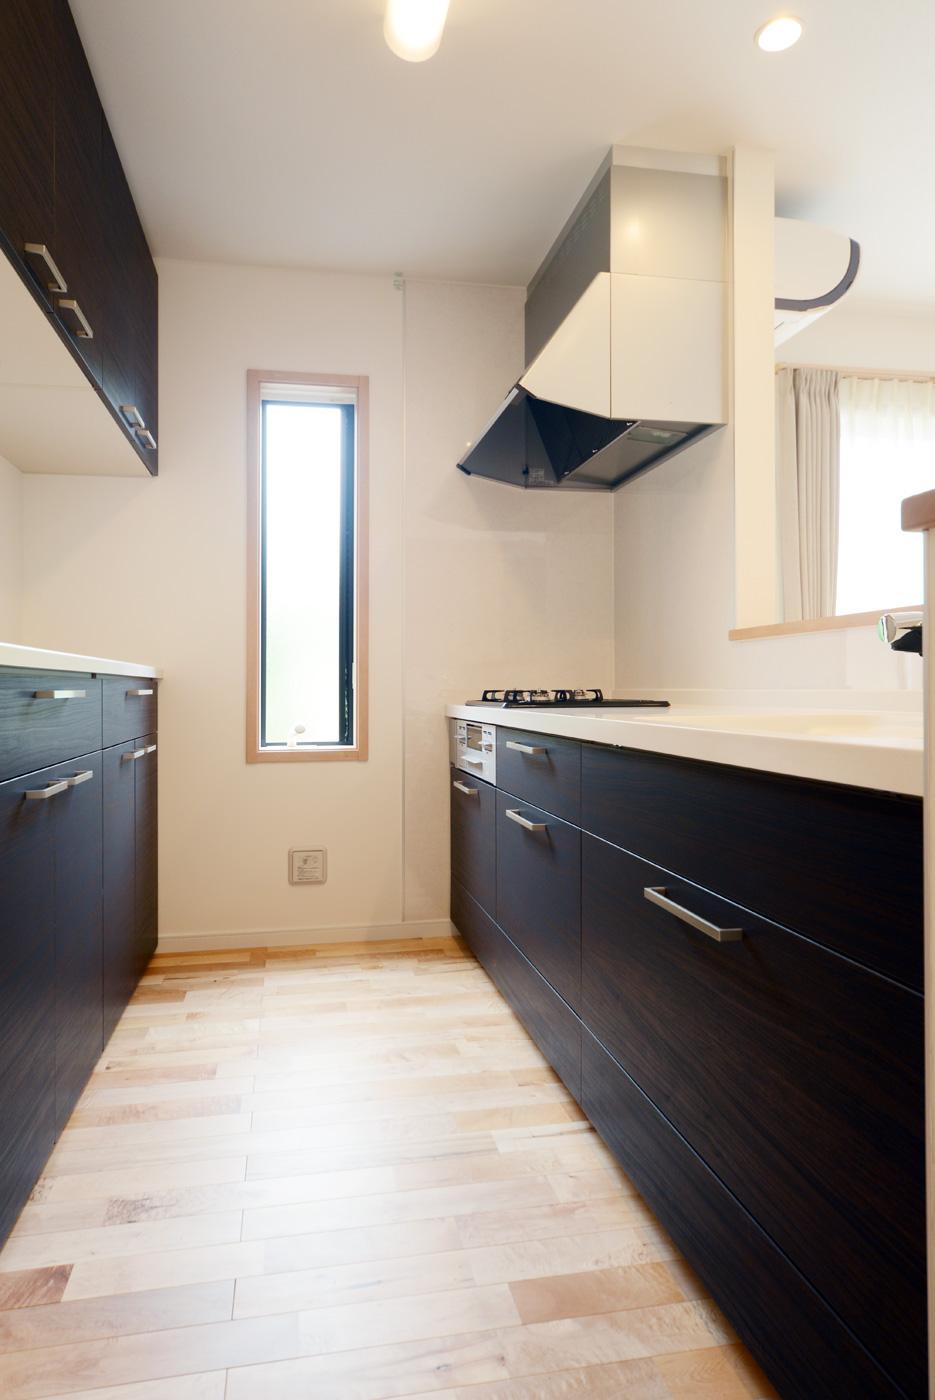 キッチン:シックな色合いの人工大理石のシステムキッチンです。